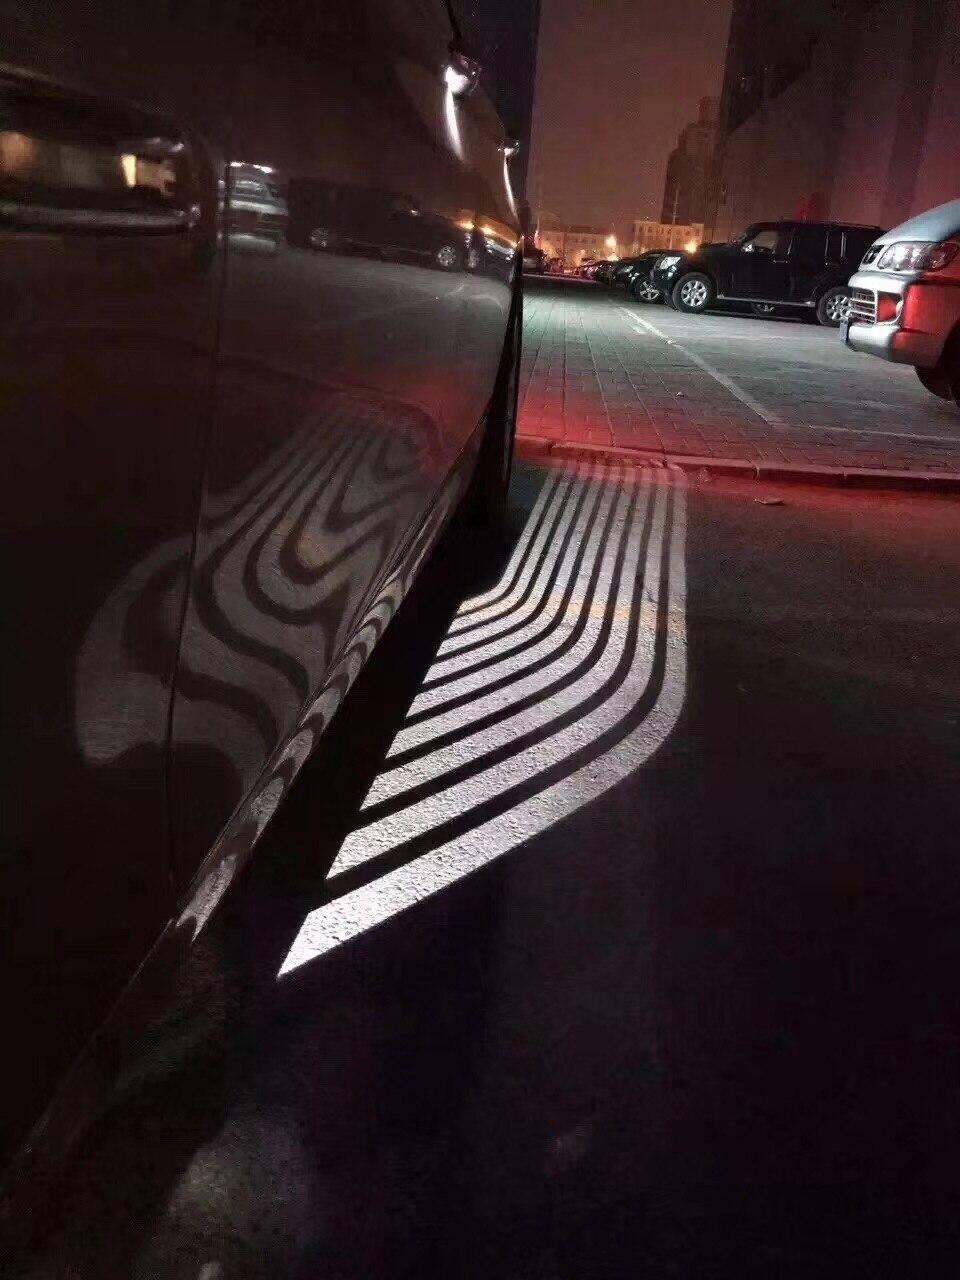 Qirun led salutation lumières du jour décoratives frein antibrouillard phare inverse clignotant pour Volkswagen Beetle Cabrio Bora Caddy - 5